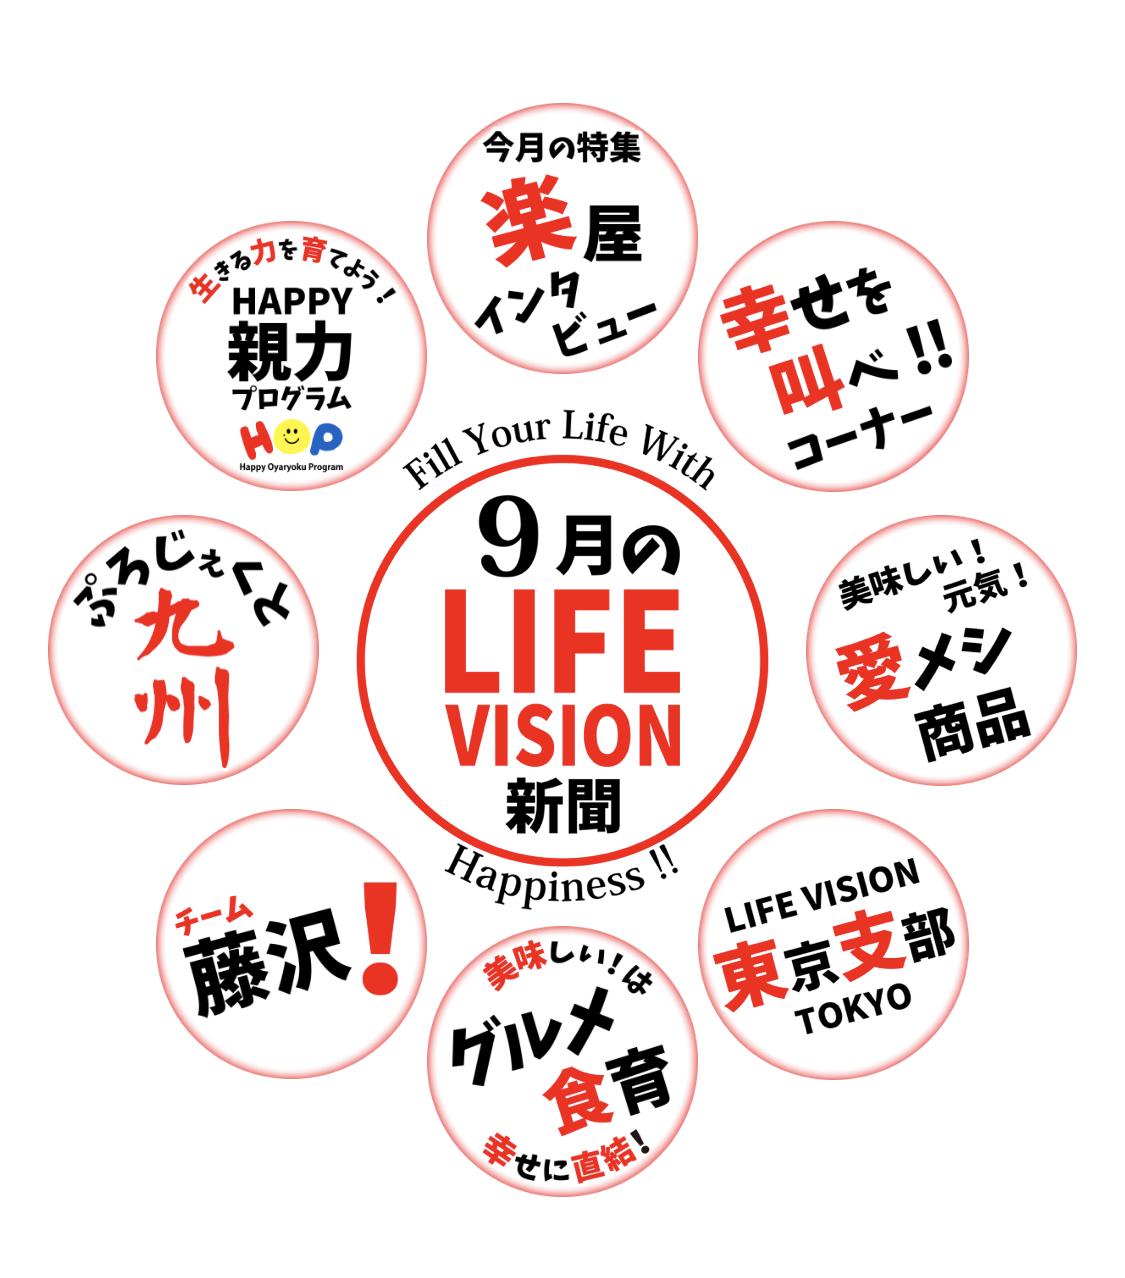 お待たせしました〜😊❣️今月のLIFE VISION新聞❣️